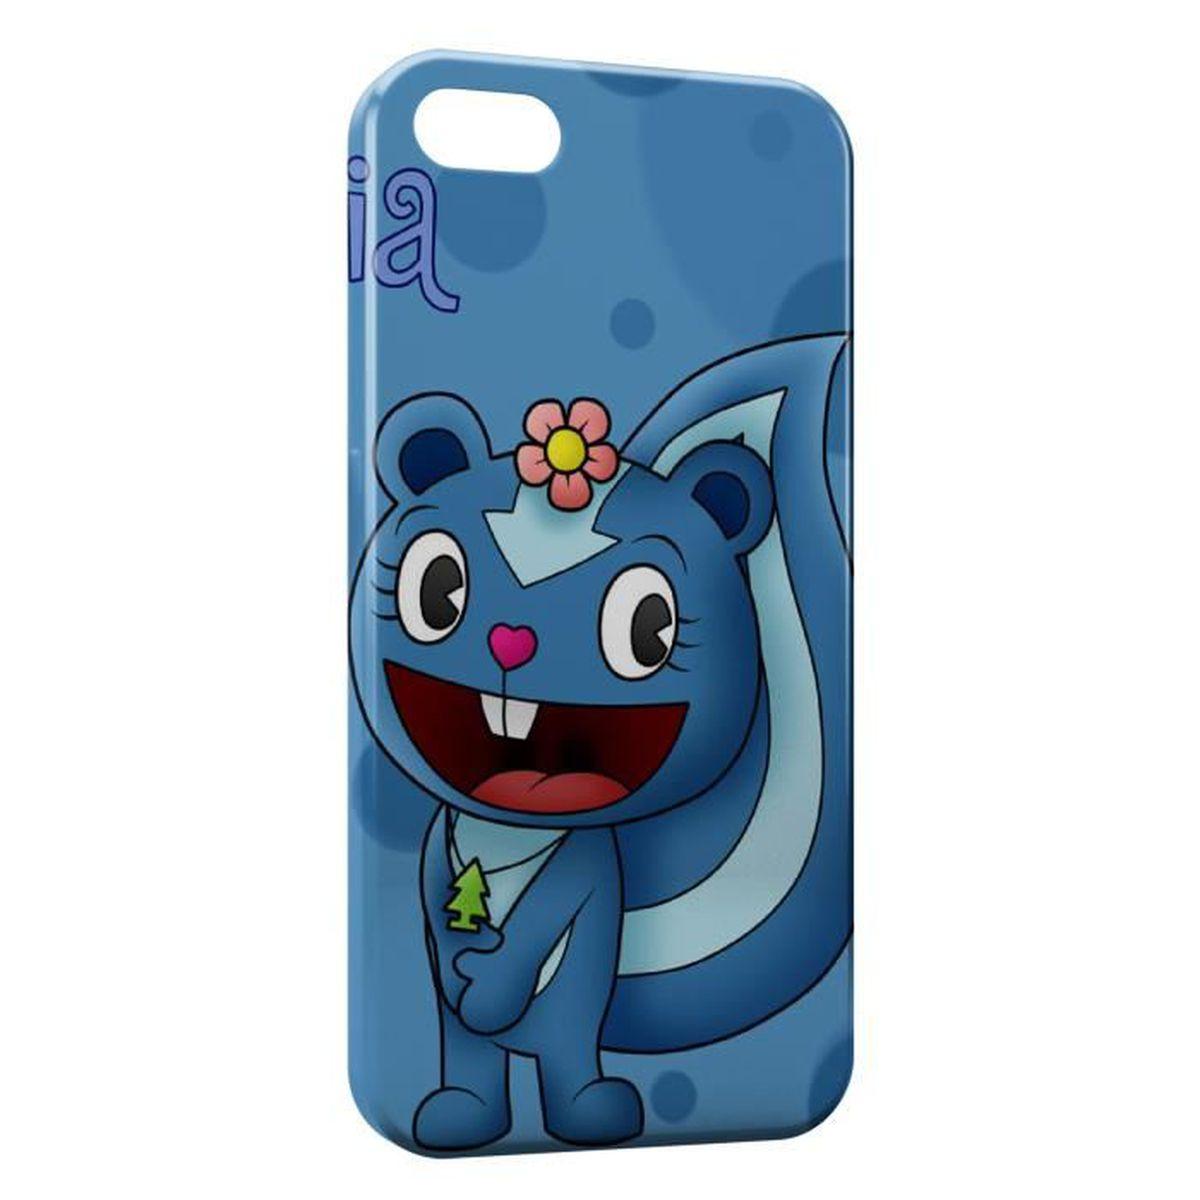 coque iphone 7 plus happy